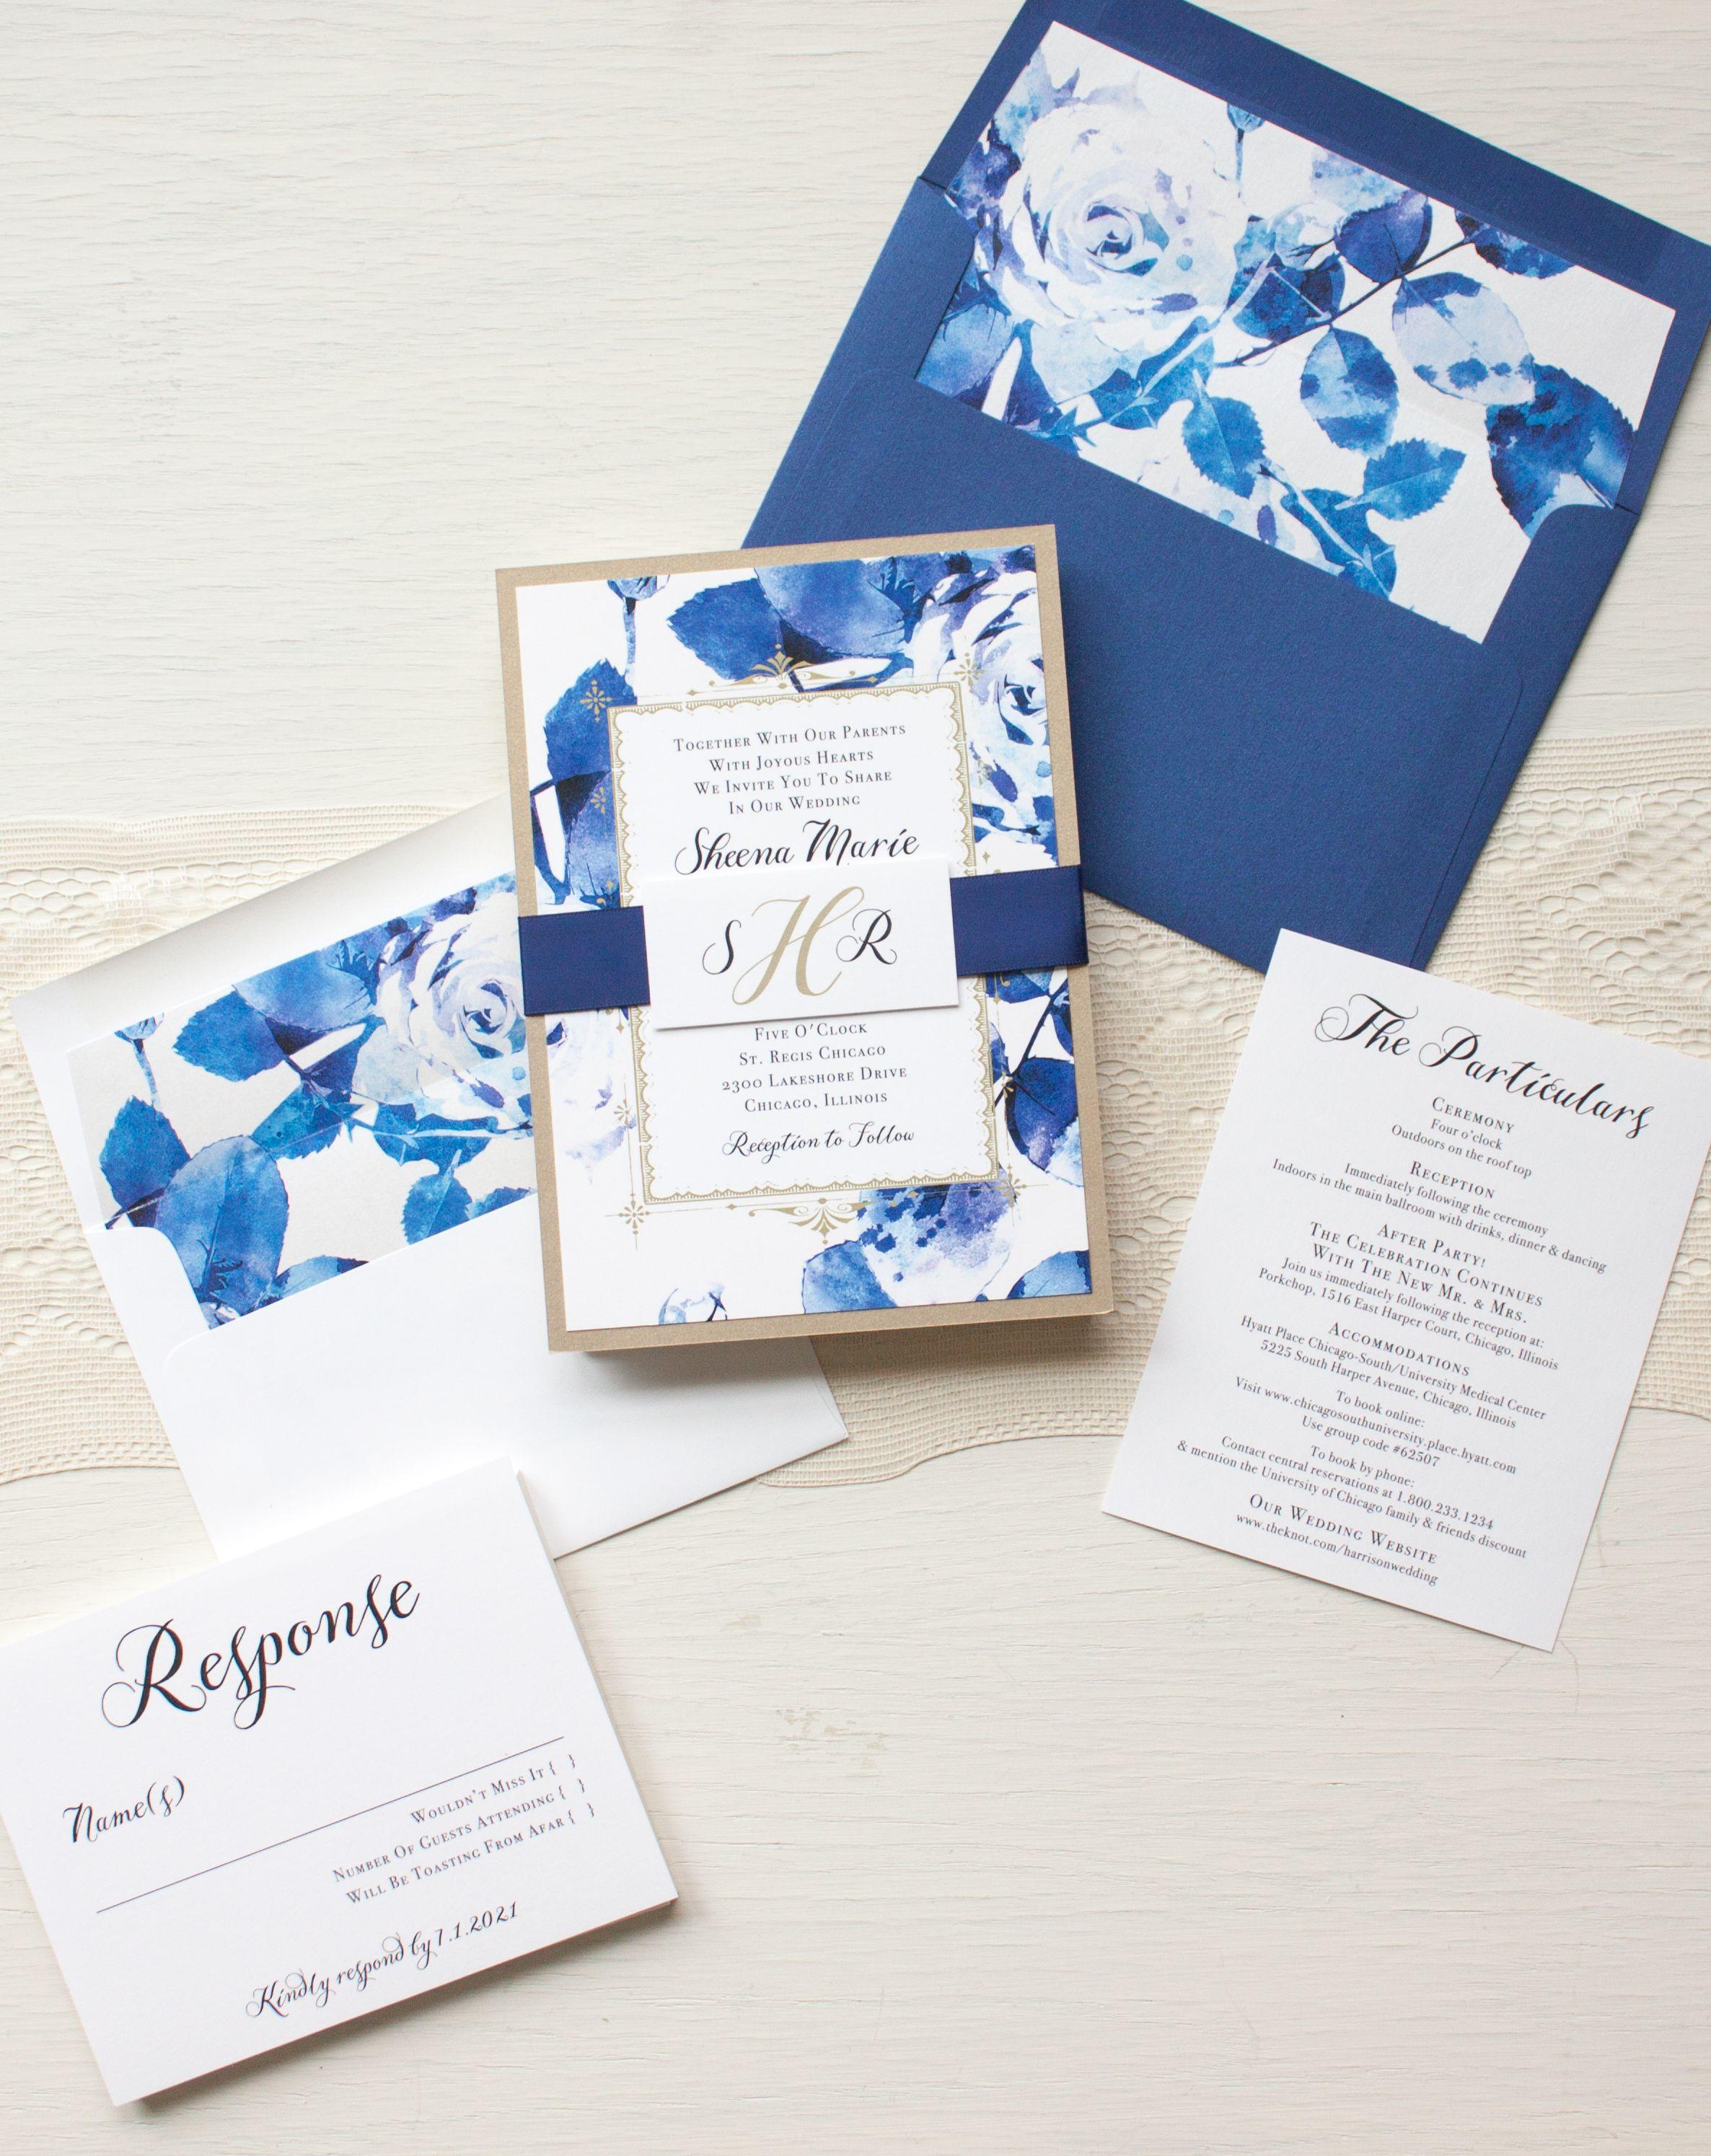 Urban Garden modern luxury wedding invitations with rich